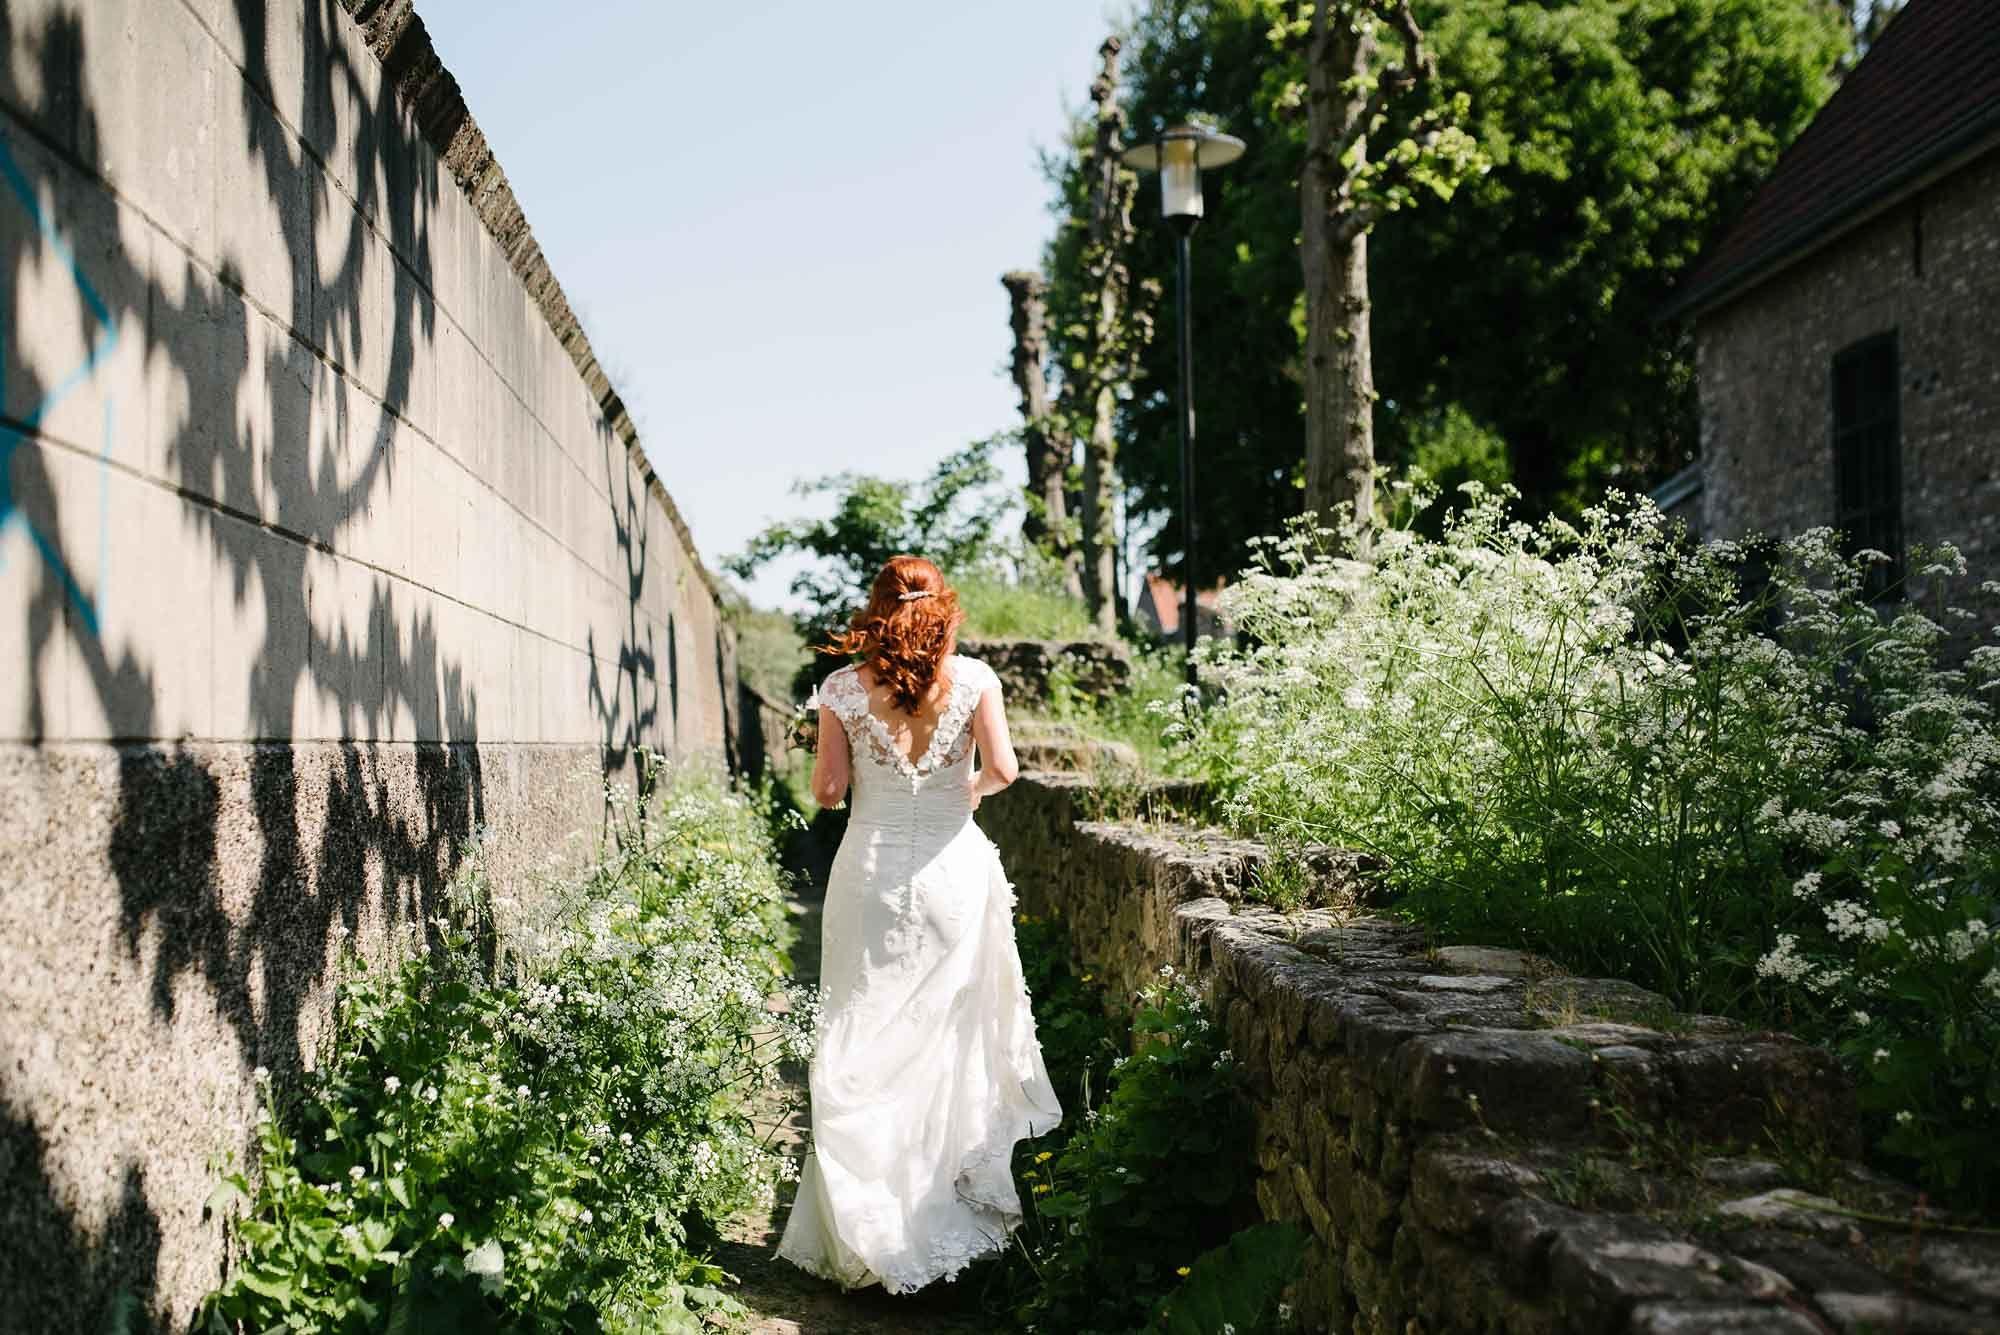 Bruidsfotograaf-Sittard-journalistieke-bruidsfotografie-065.jpg